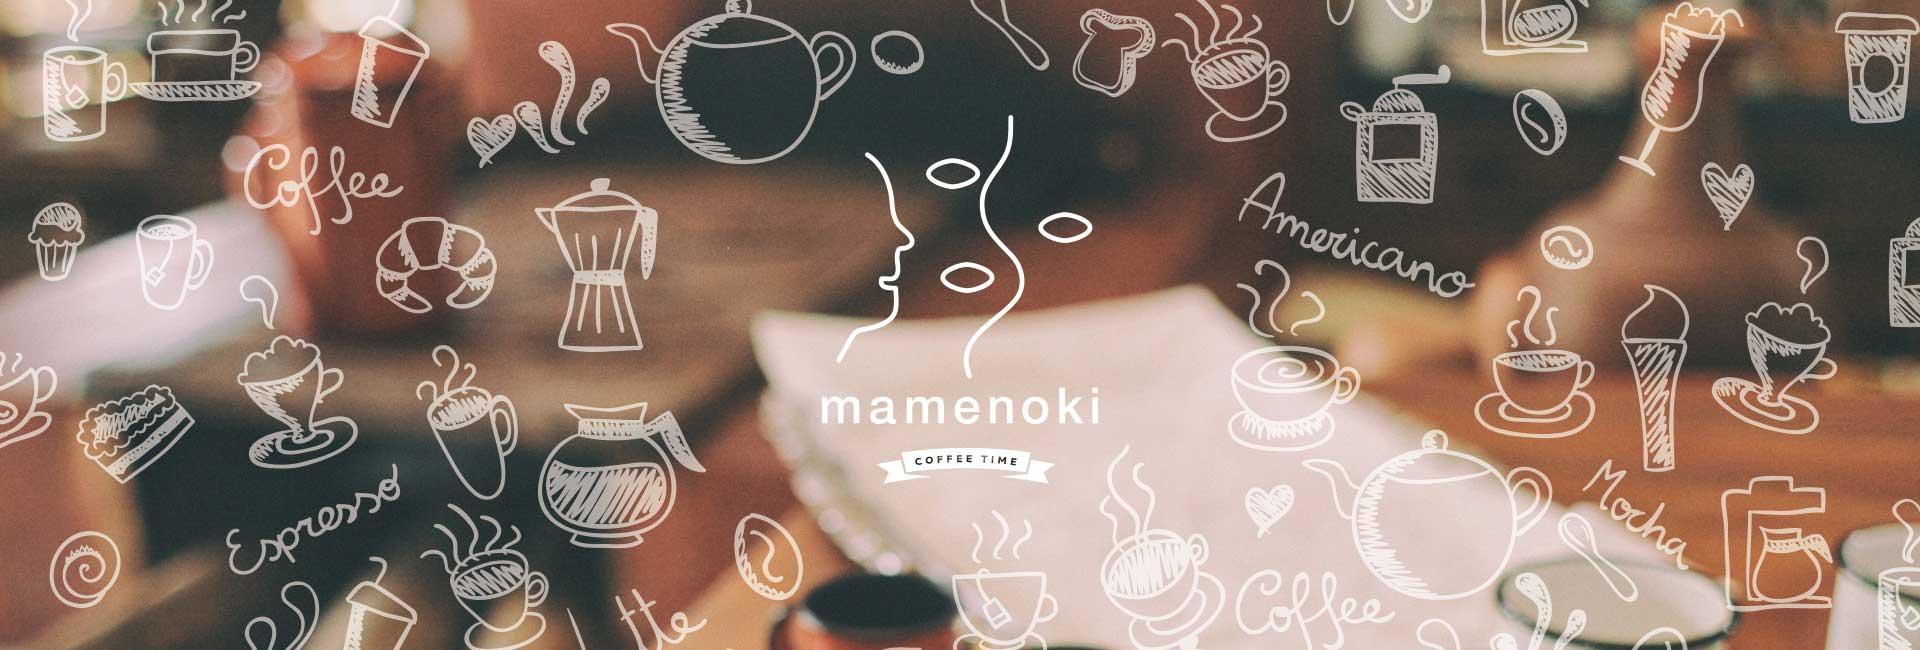 mamenoki COFFEE TIME